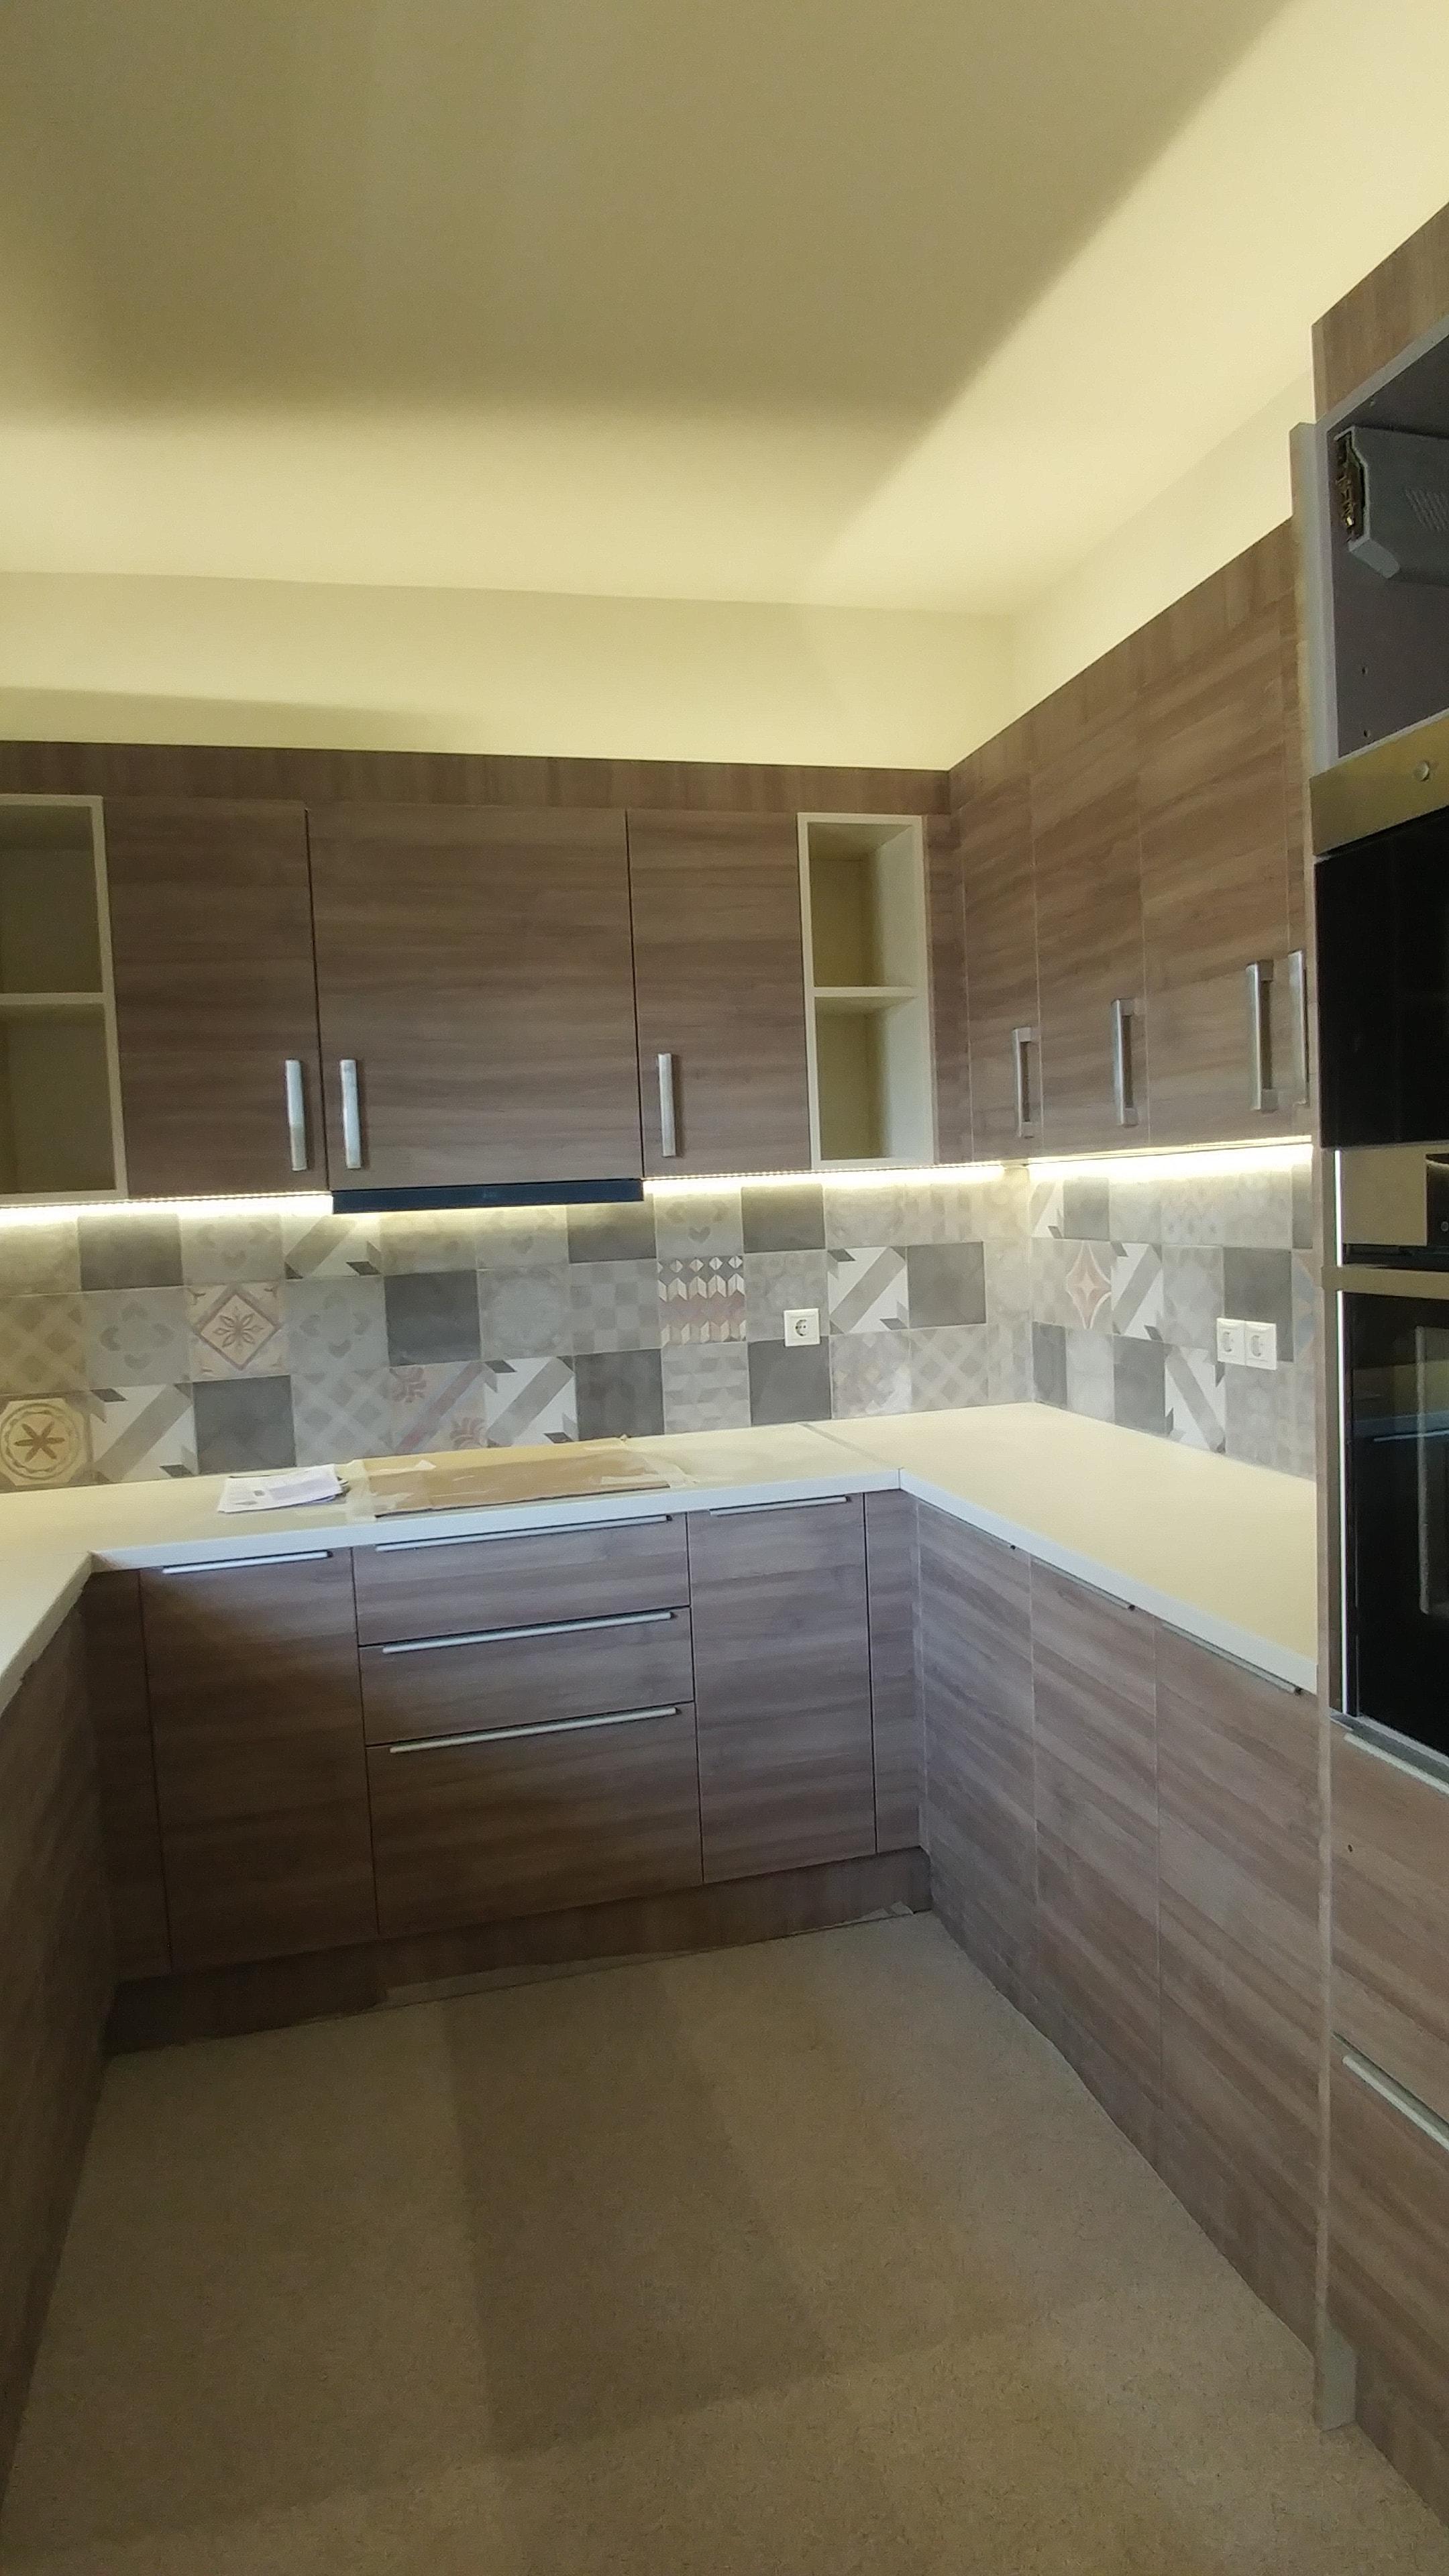 Πλήρης ανακαίνιση κατοικίας | OPUS